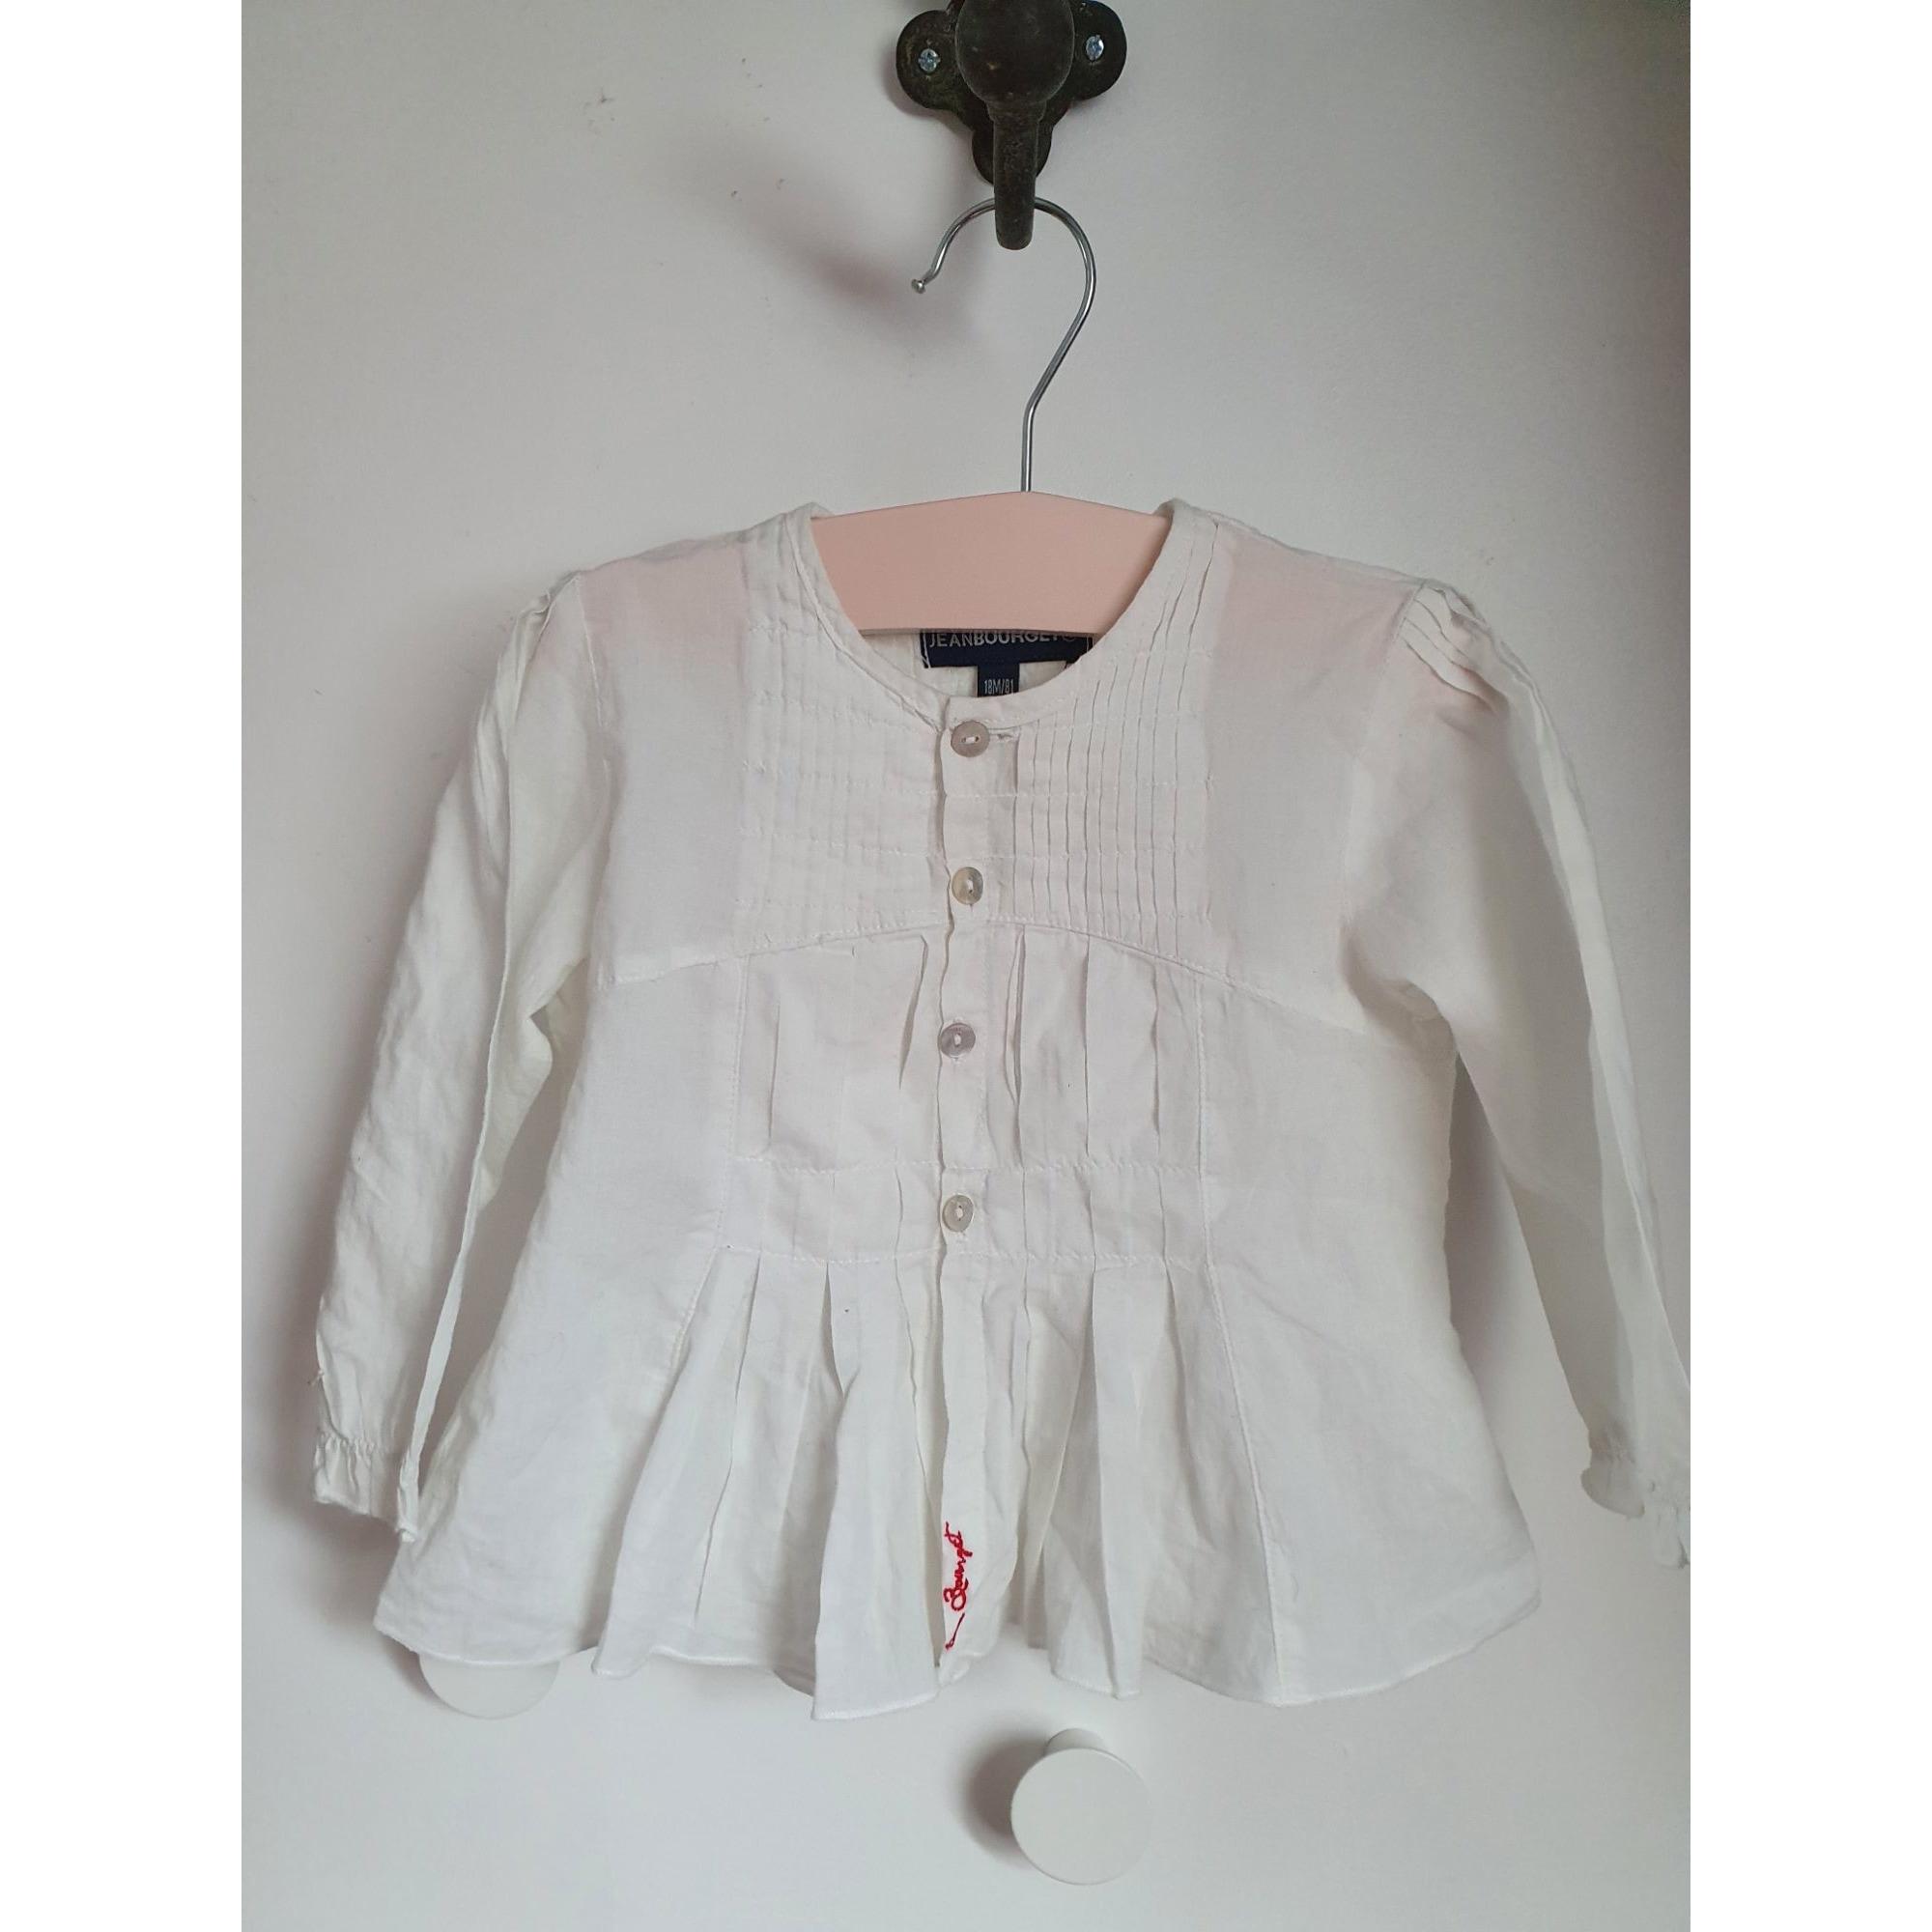 Chemisier, chemisette JEAN BOURGET Blanc, blanc cassé, écru